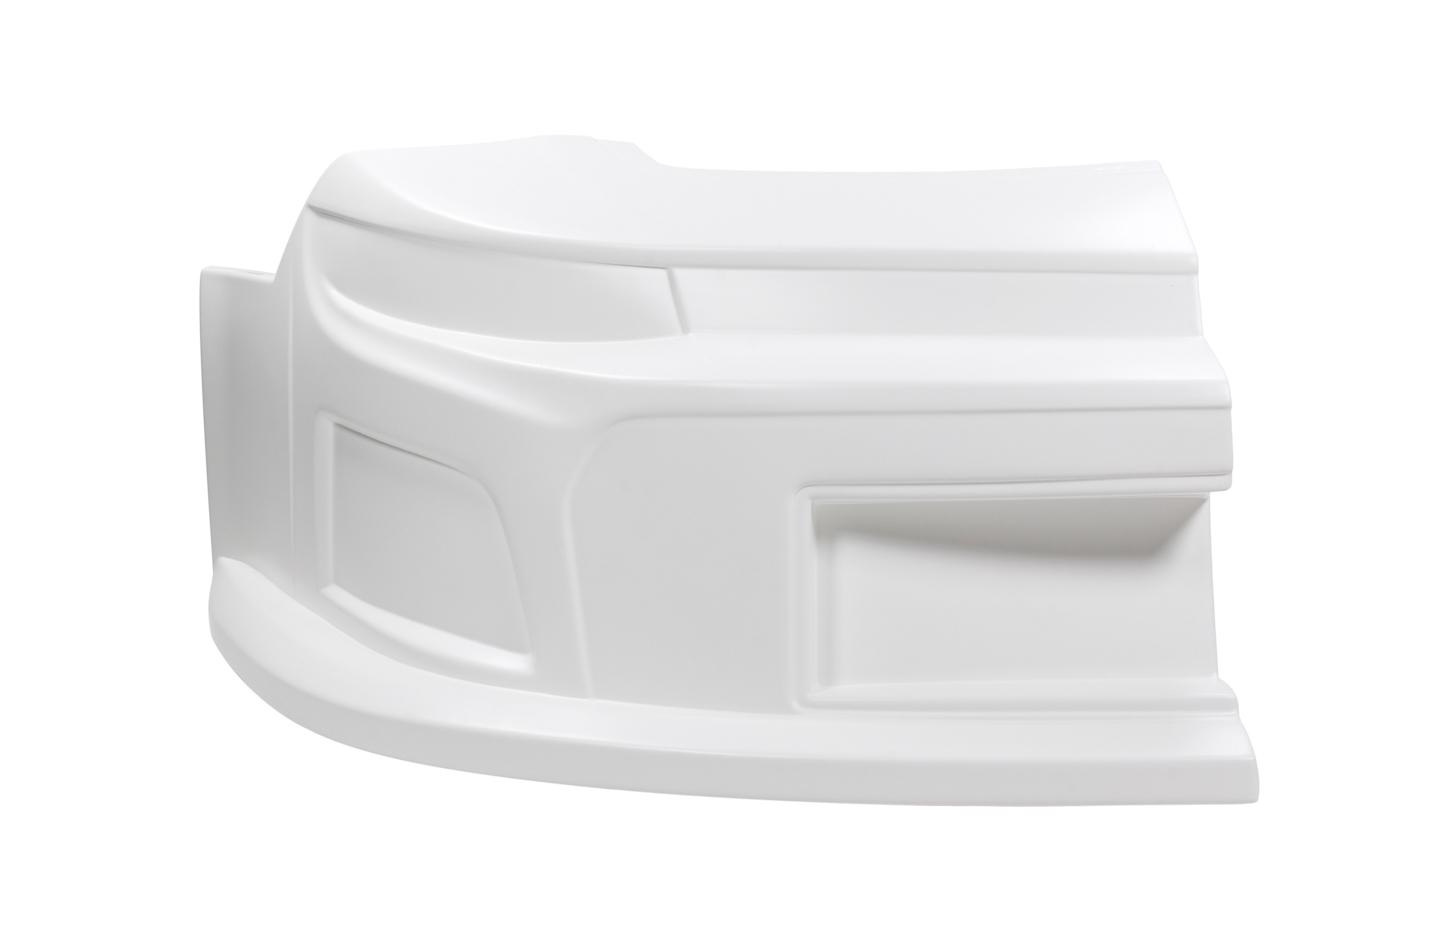 Fivestar 11132-41051-WR Nose, Passenger Side, Molded Plastic, White, Chevrolet Camaro, 2019 Late Model, Each